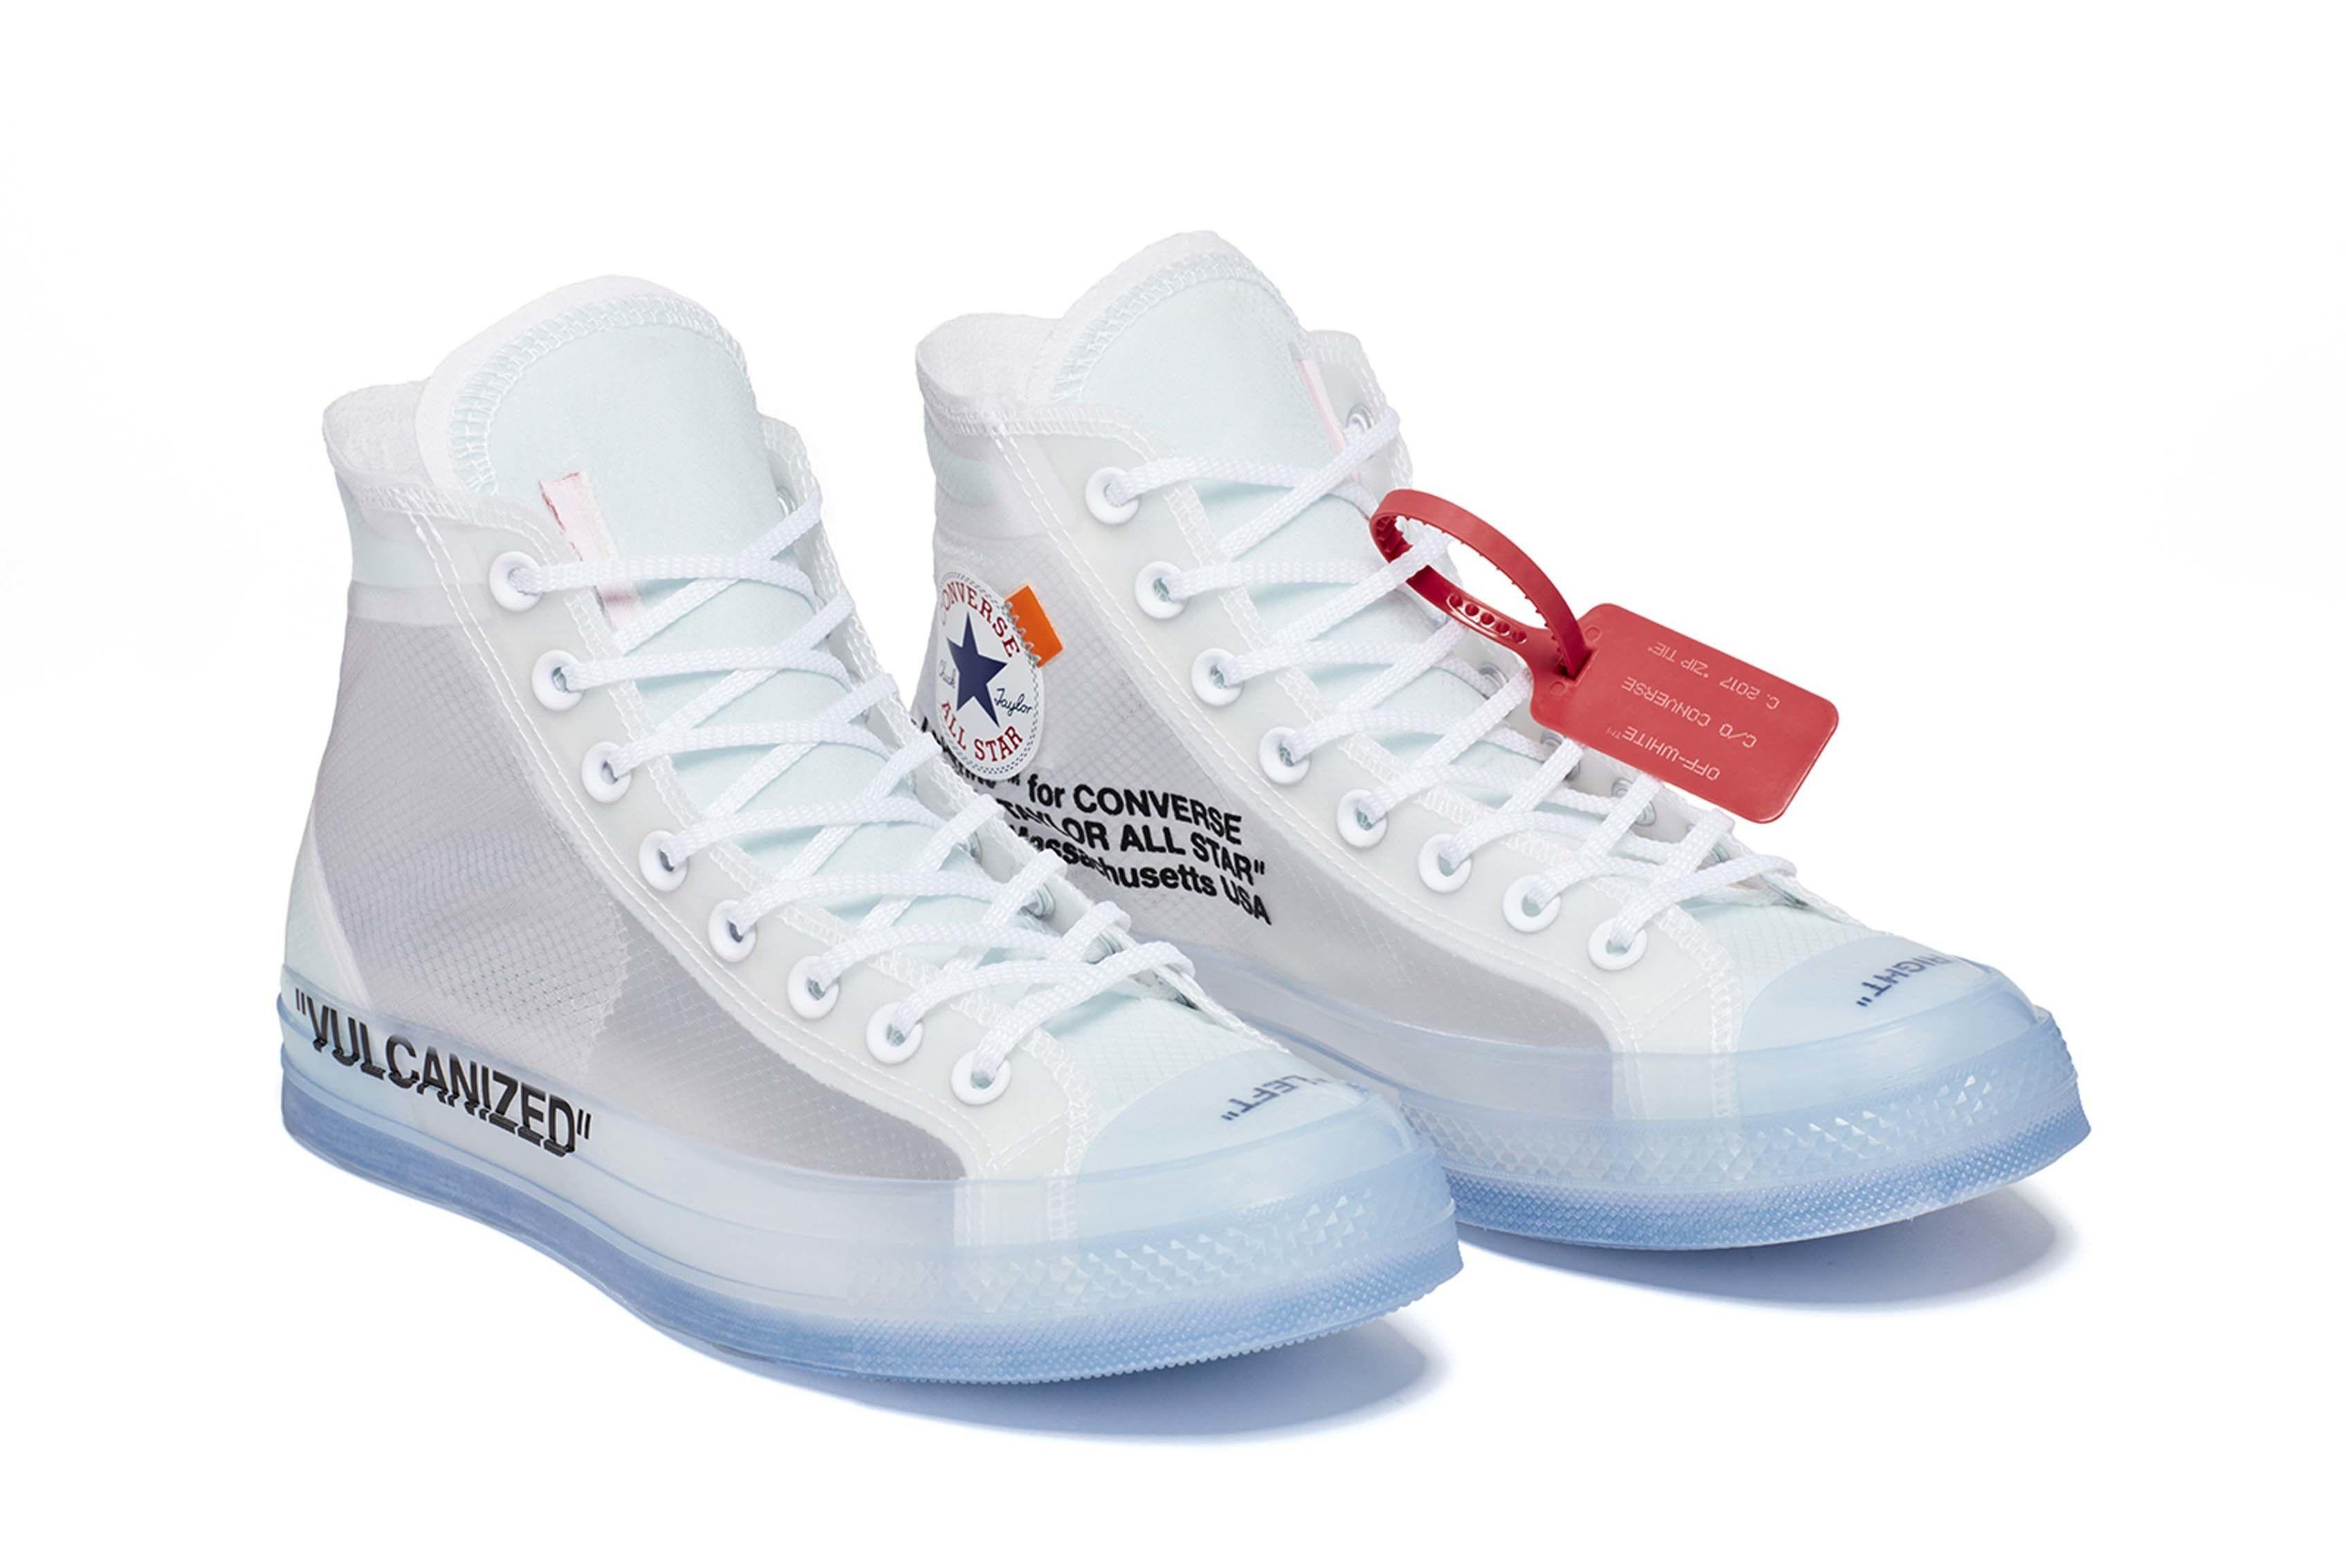 Converse Virgil Abloh Chuck 70 The Ten Release 4 Sneaker Freaker